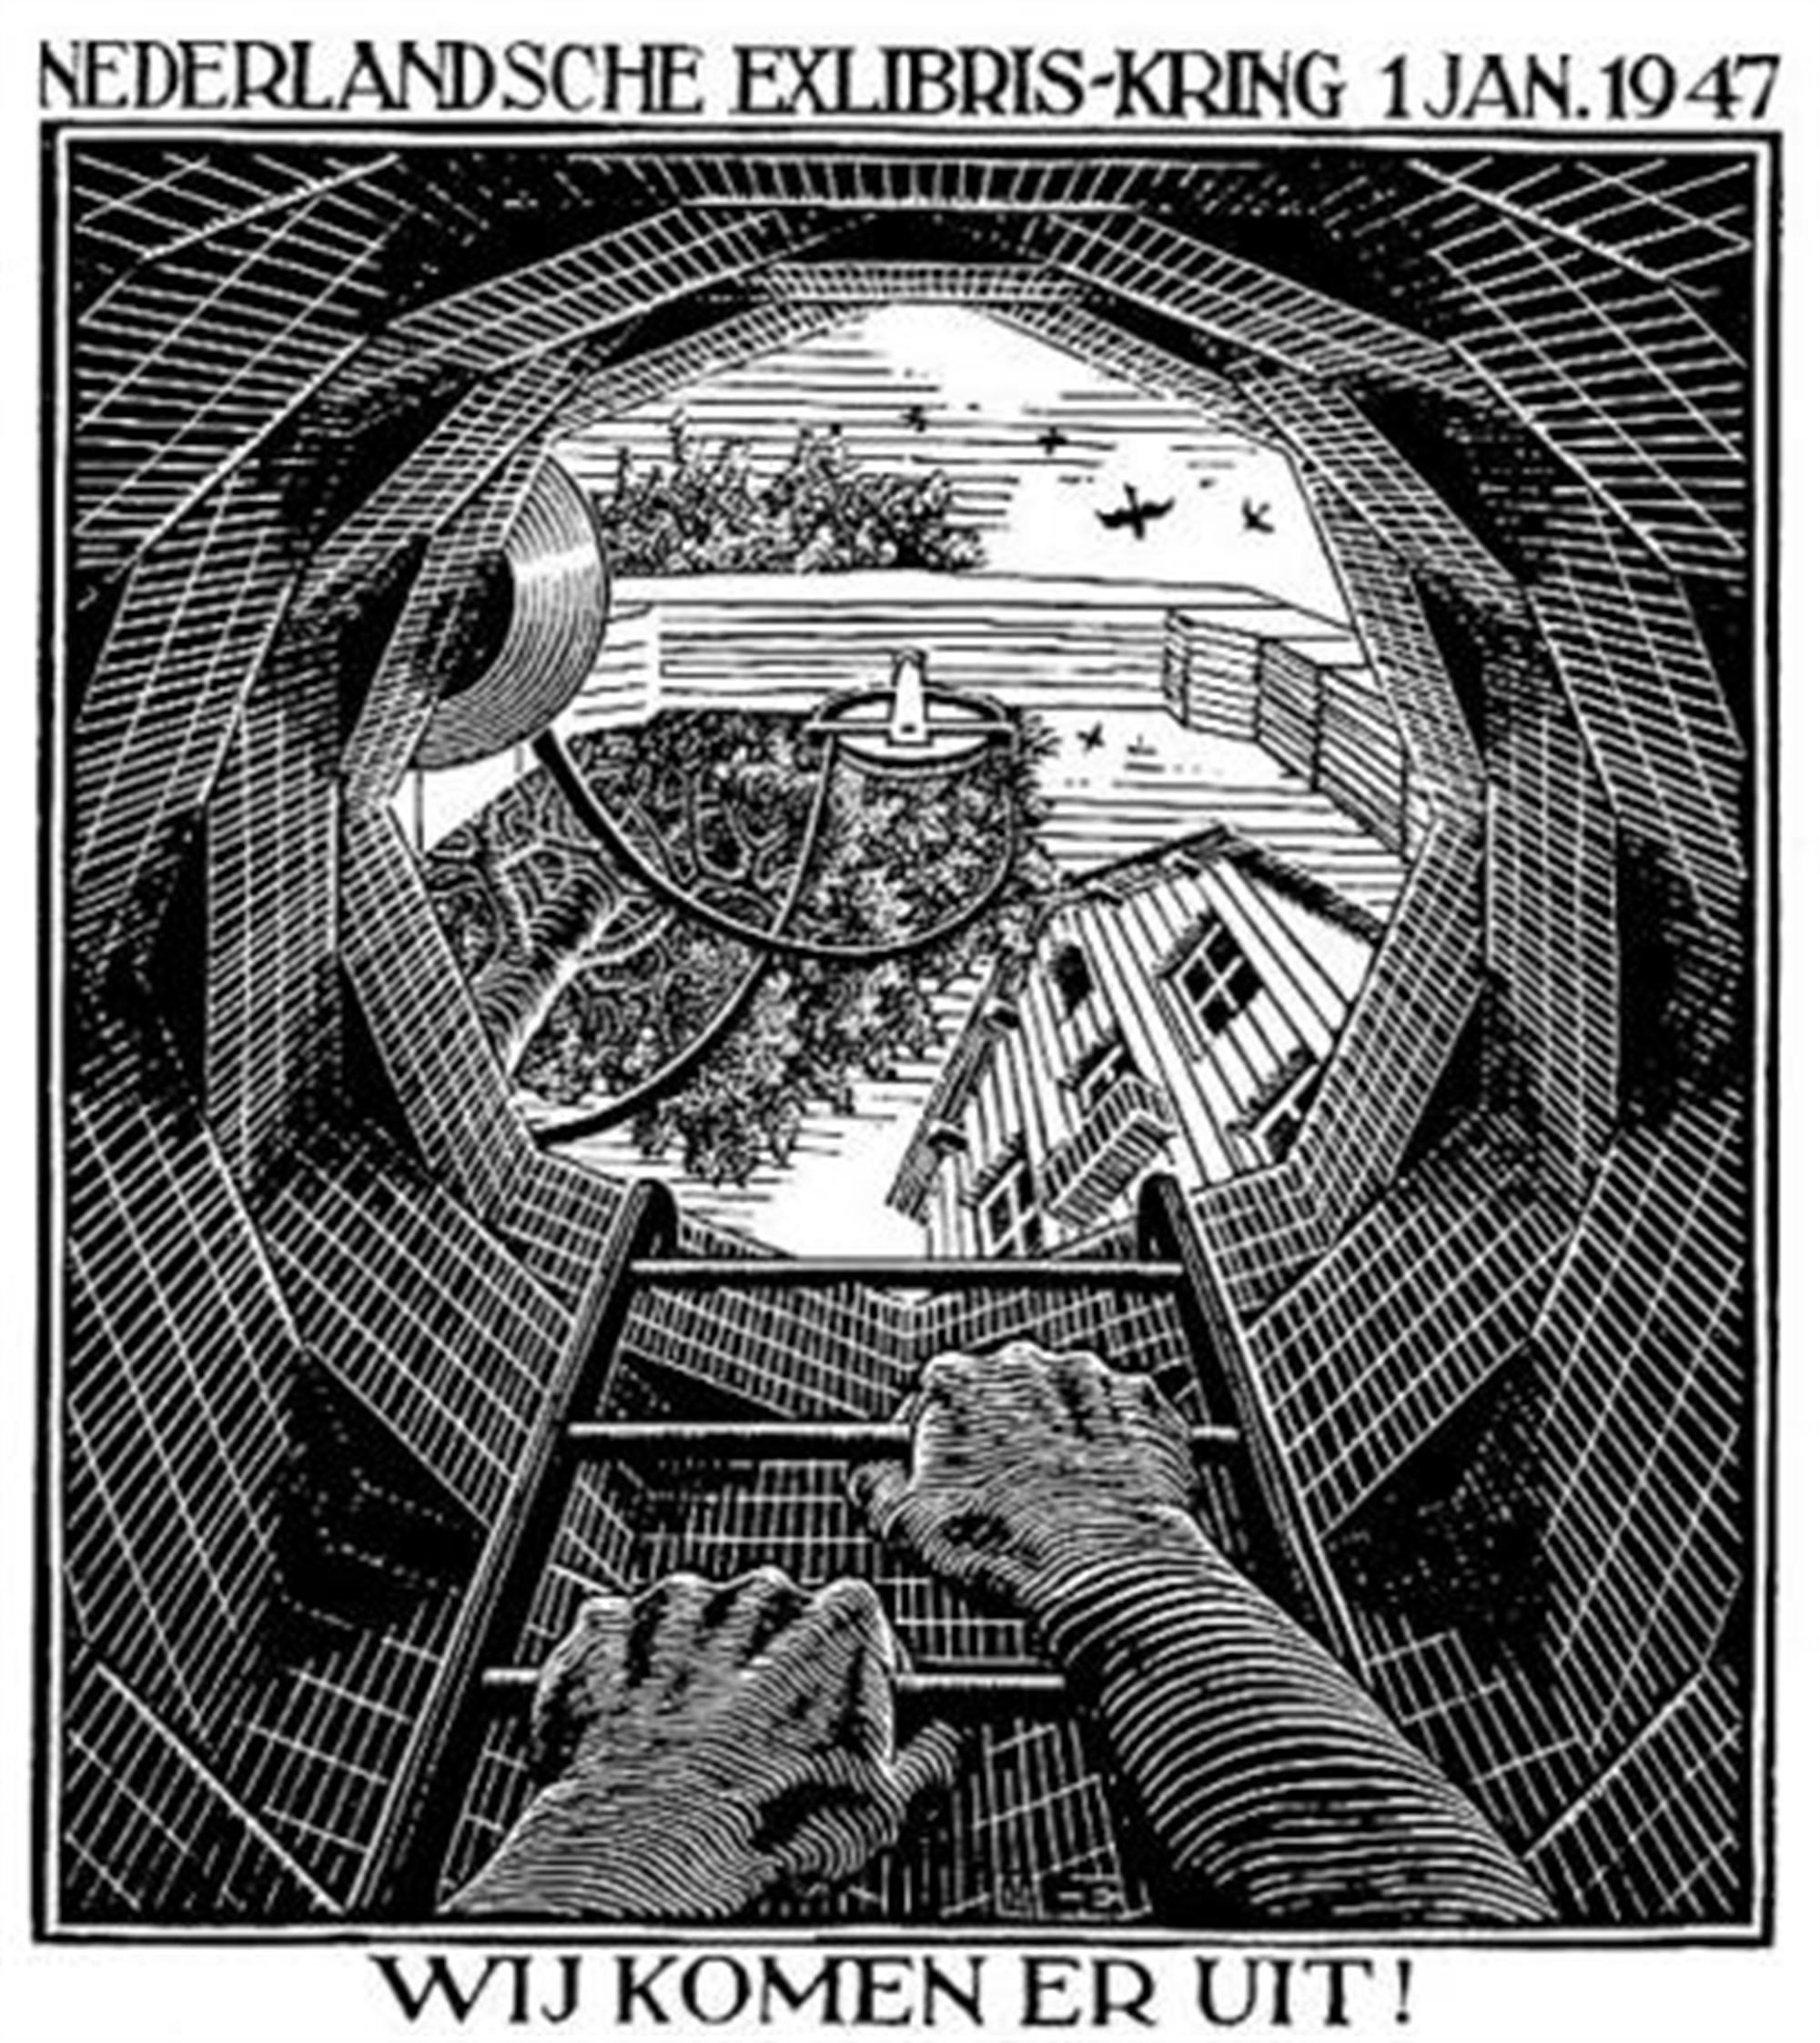 The Well by M.C. Escher